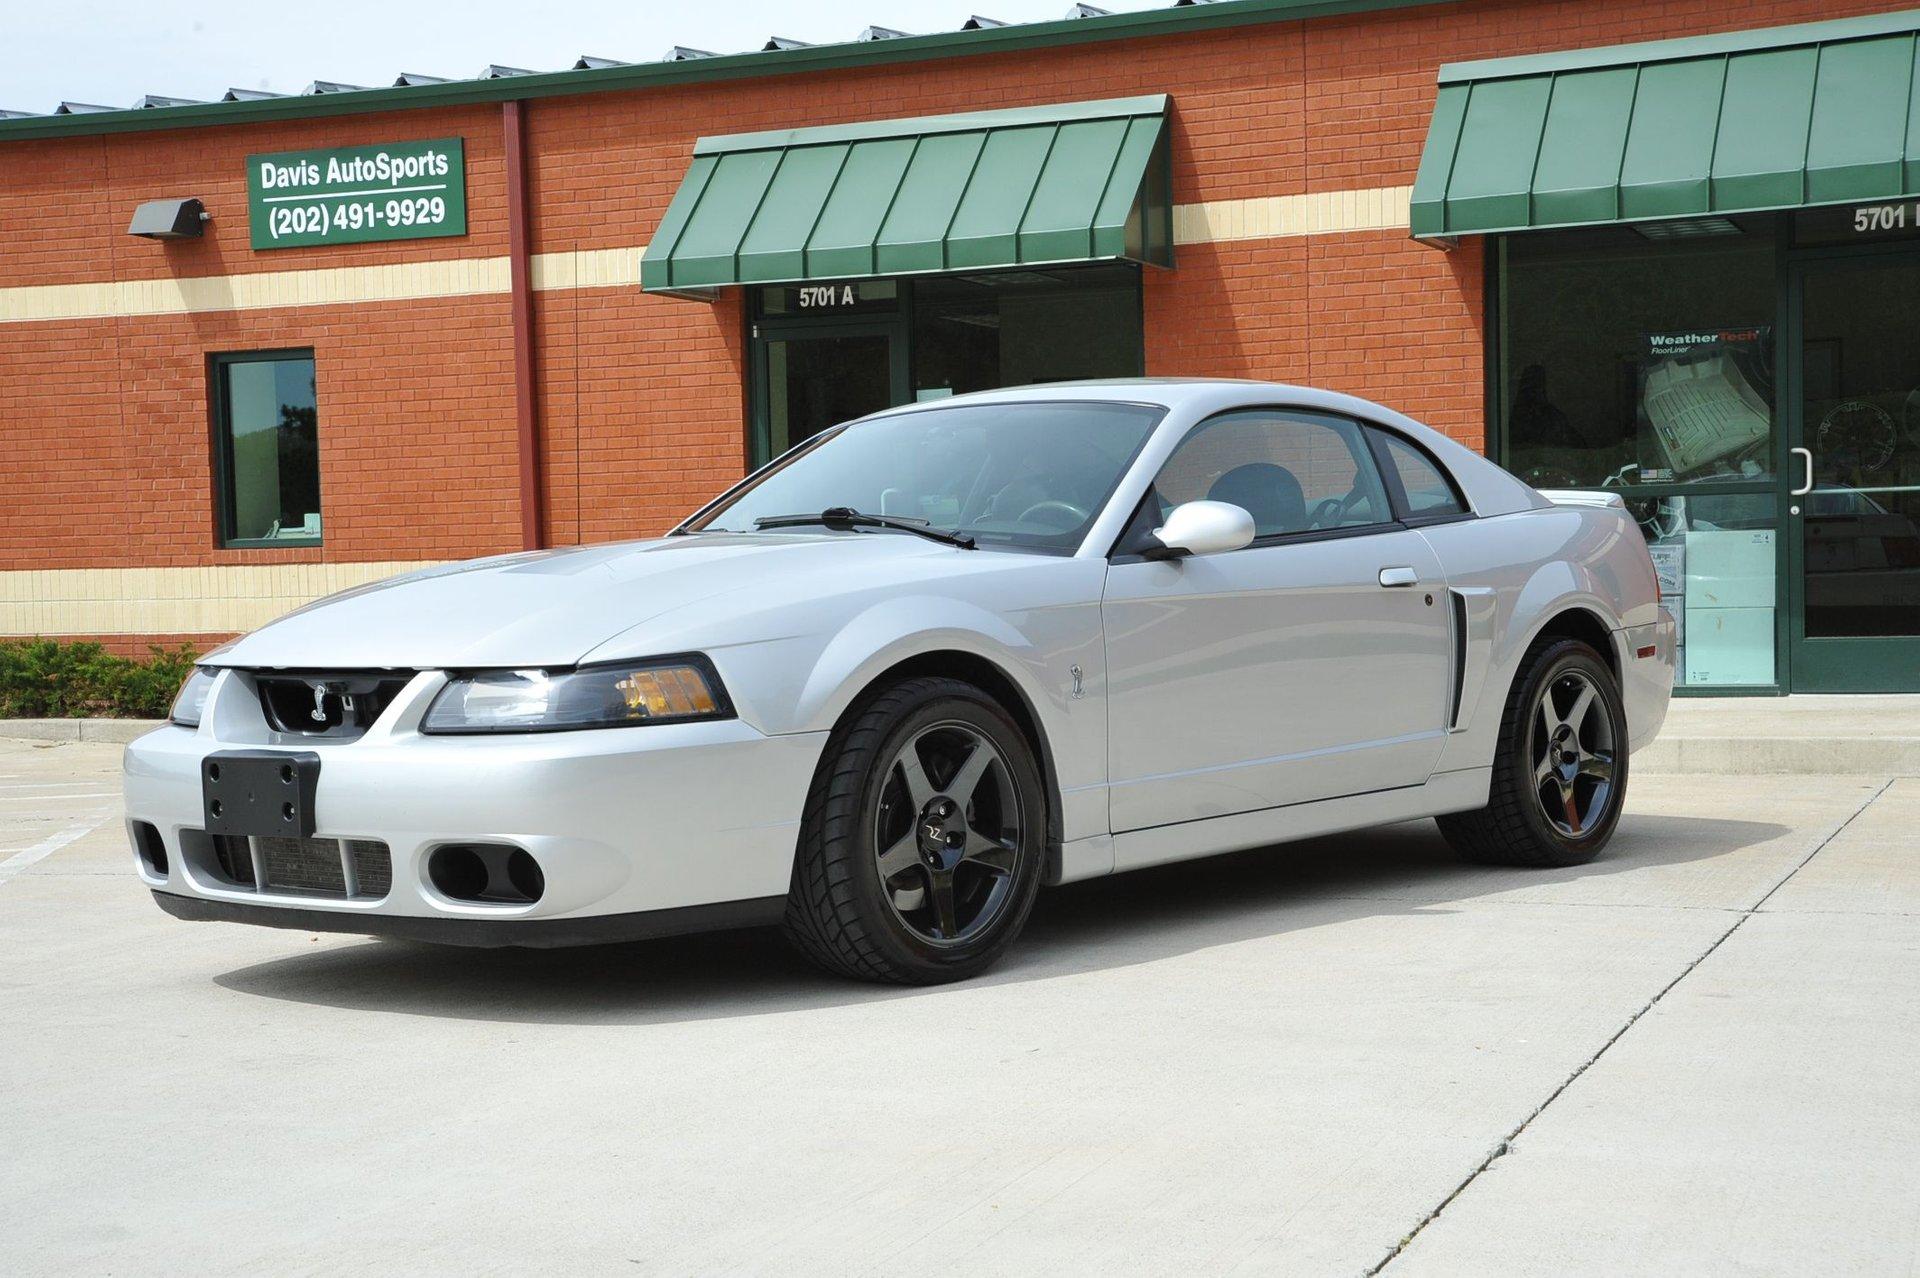 2003 ford mustang cobra svt